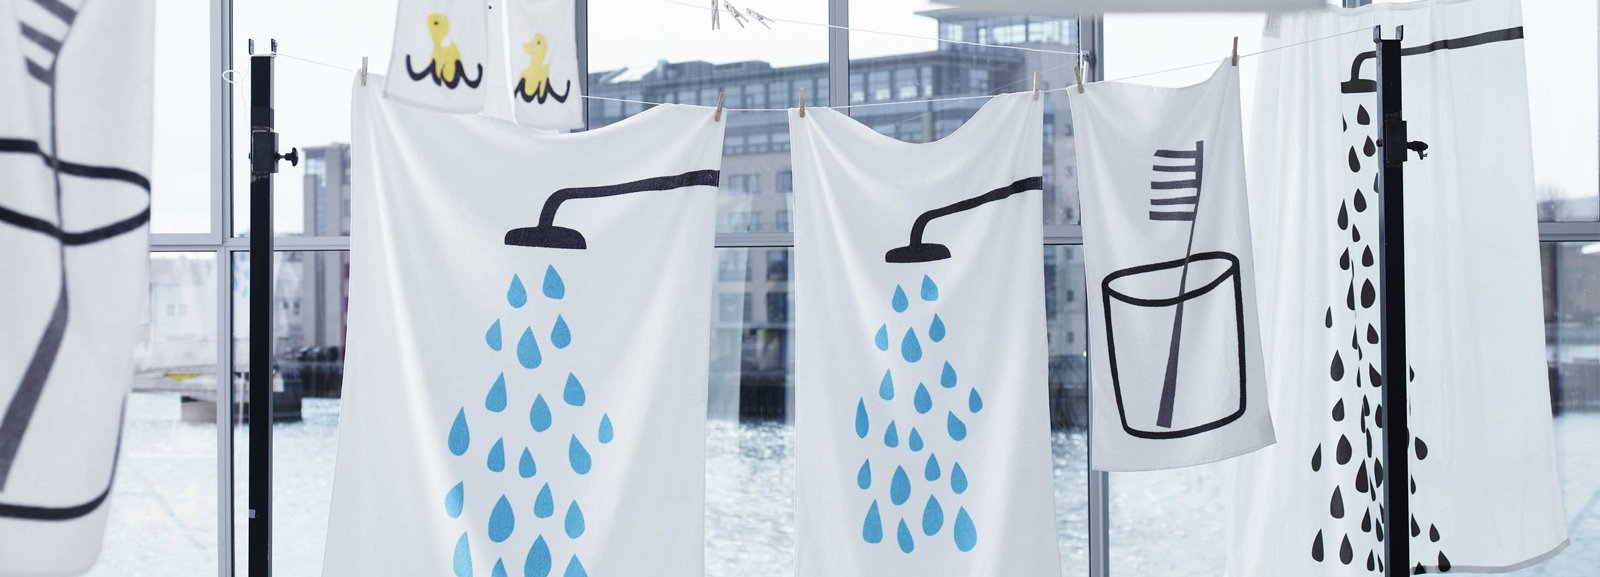 Asciugamani e spugne per il bagno cose di casa - Ikea porta spugne ...